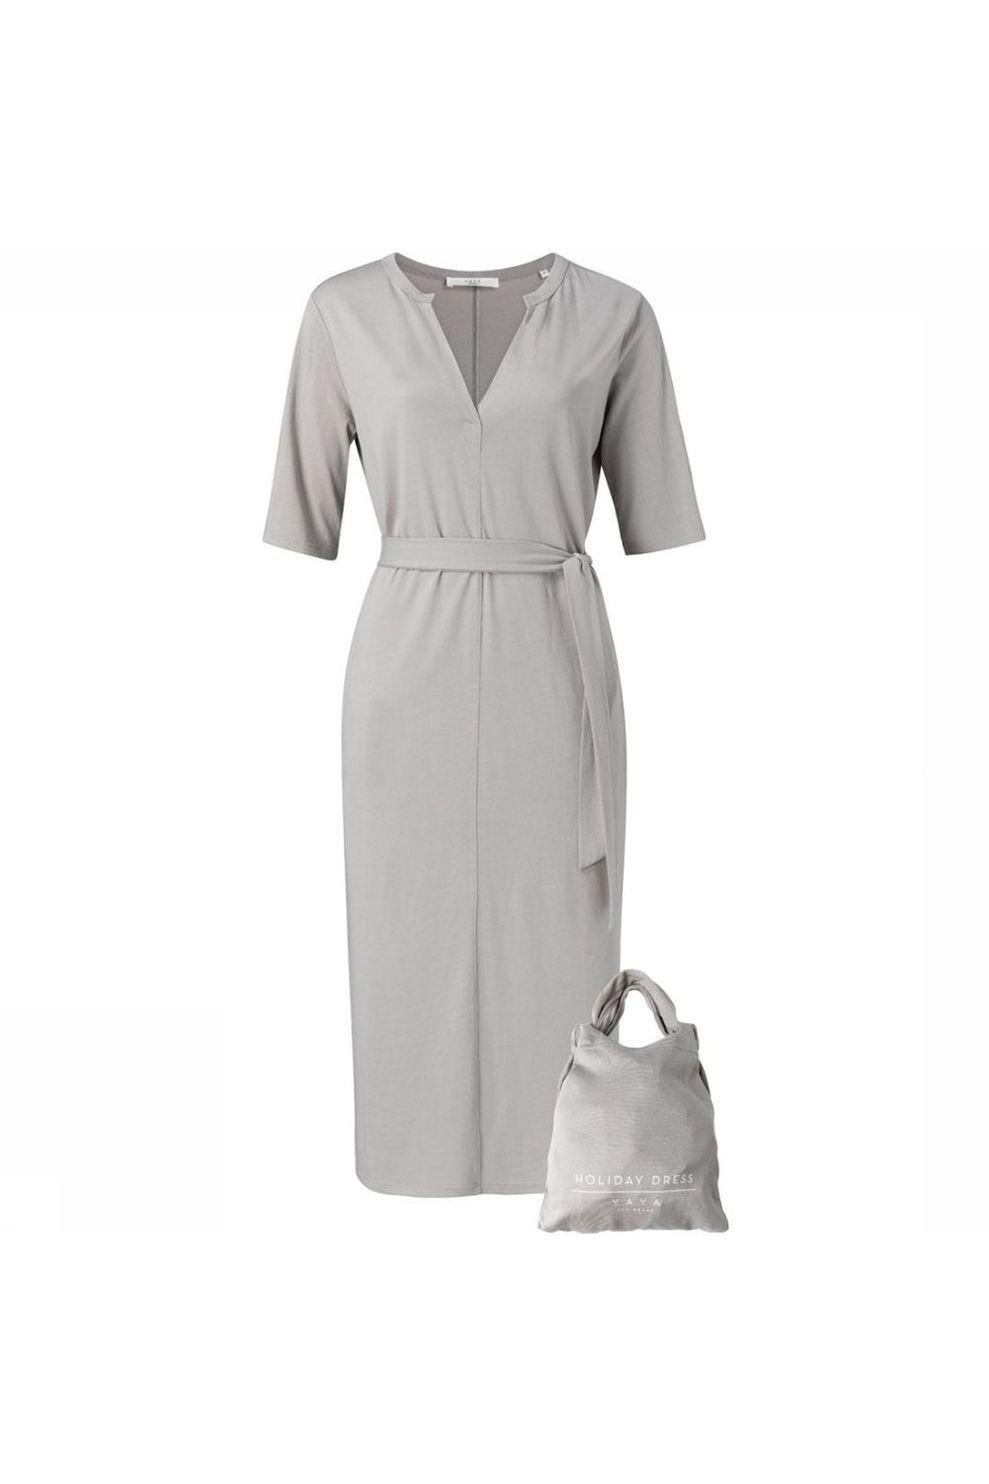 YAYA Jurk Jersey ed Pockets voor dames - Grijs - Maten: XS, S, M, L, XL